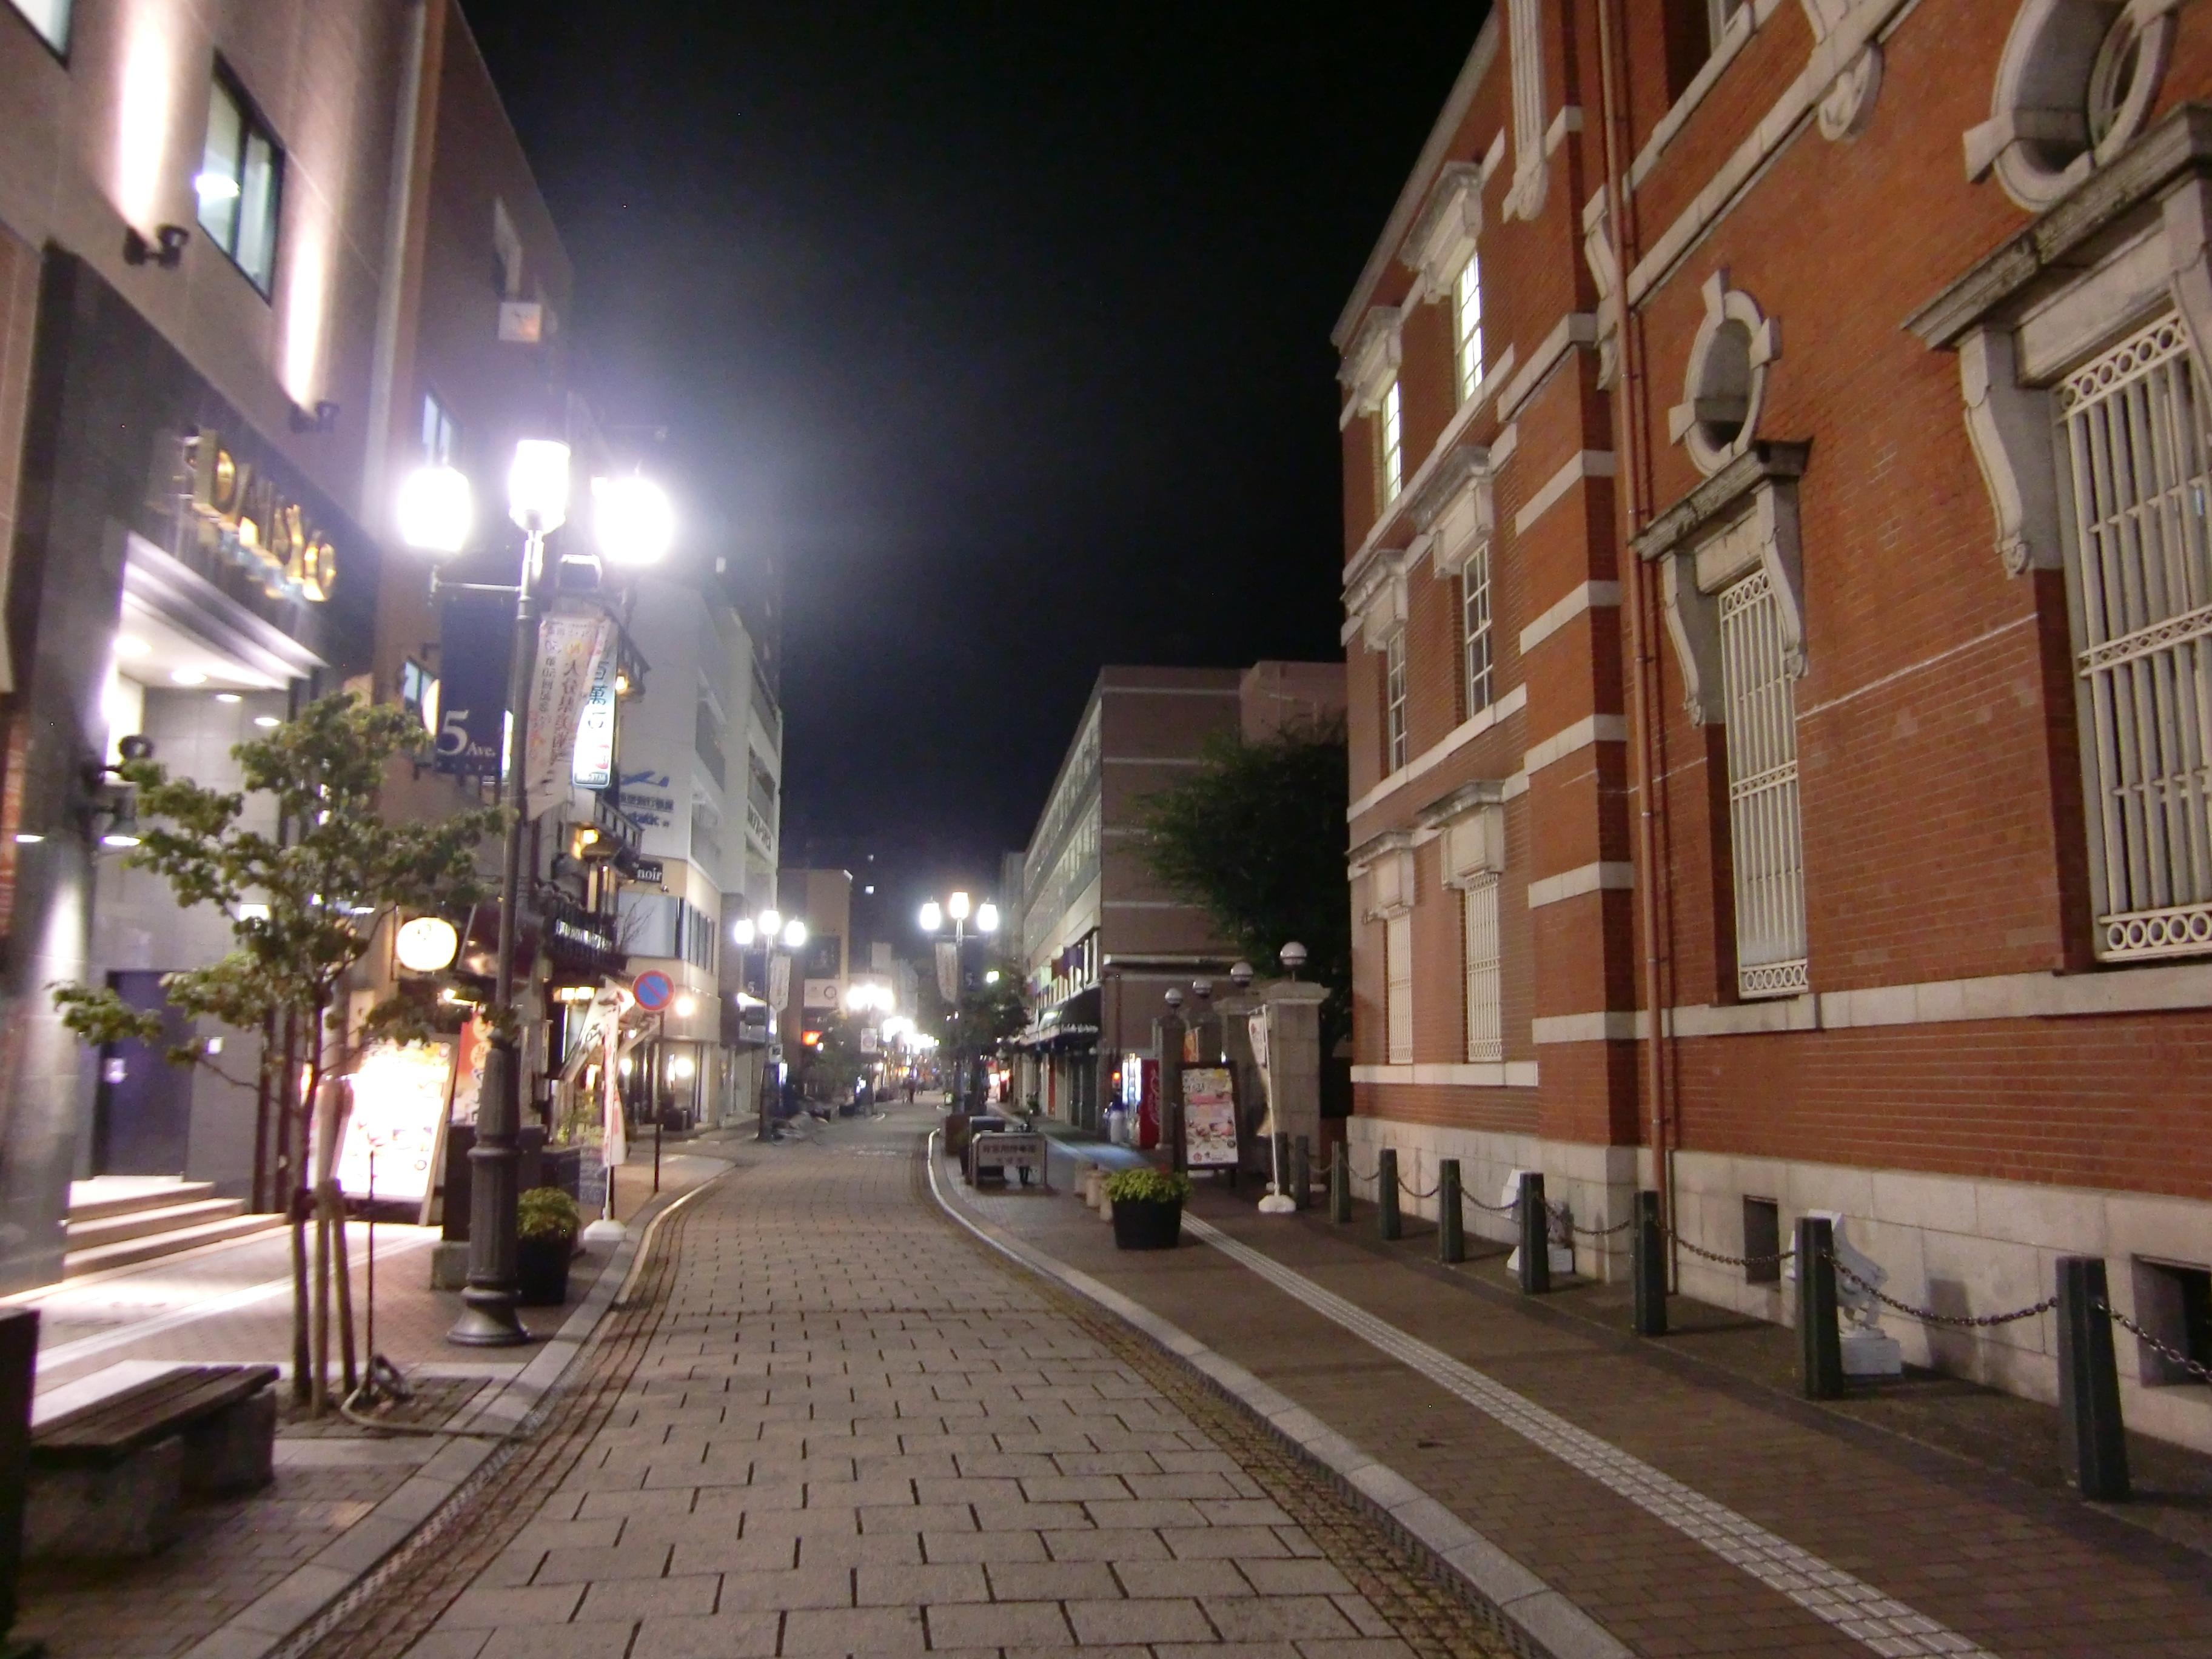 http://ud.t.u-tokyo.ac.jp/blog/_images/CIMG2436.JPG